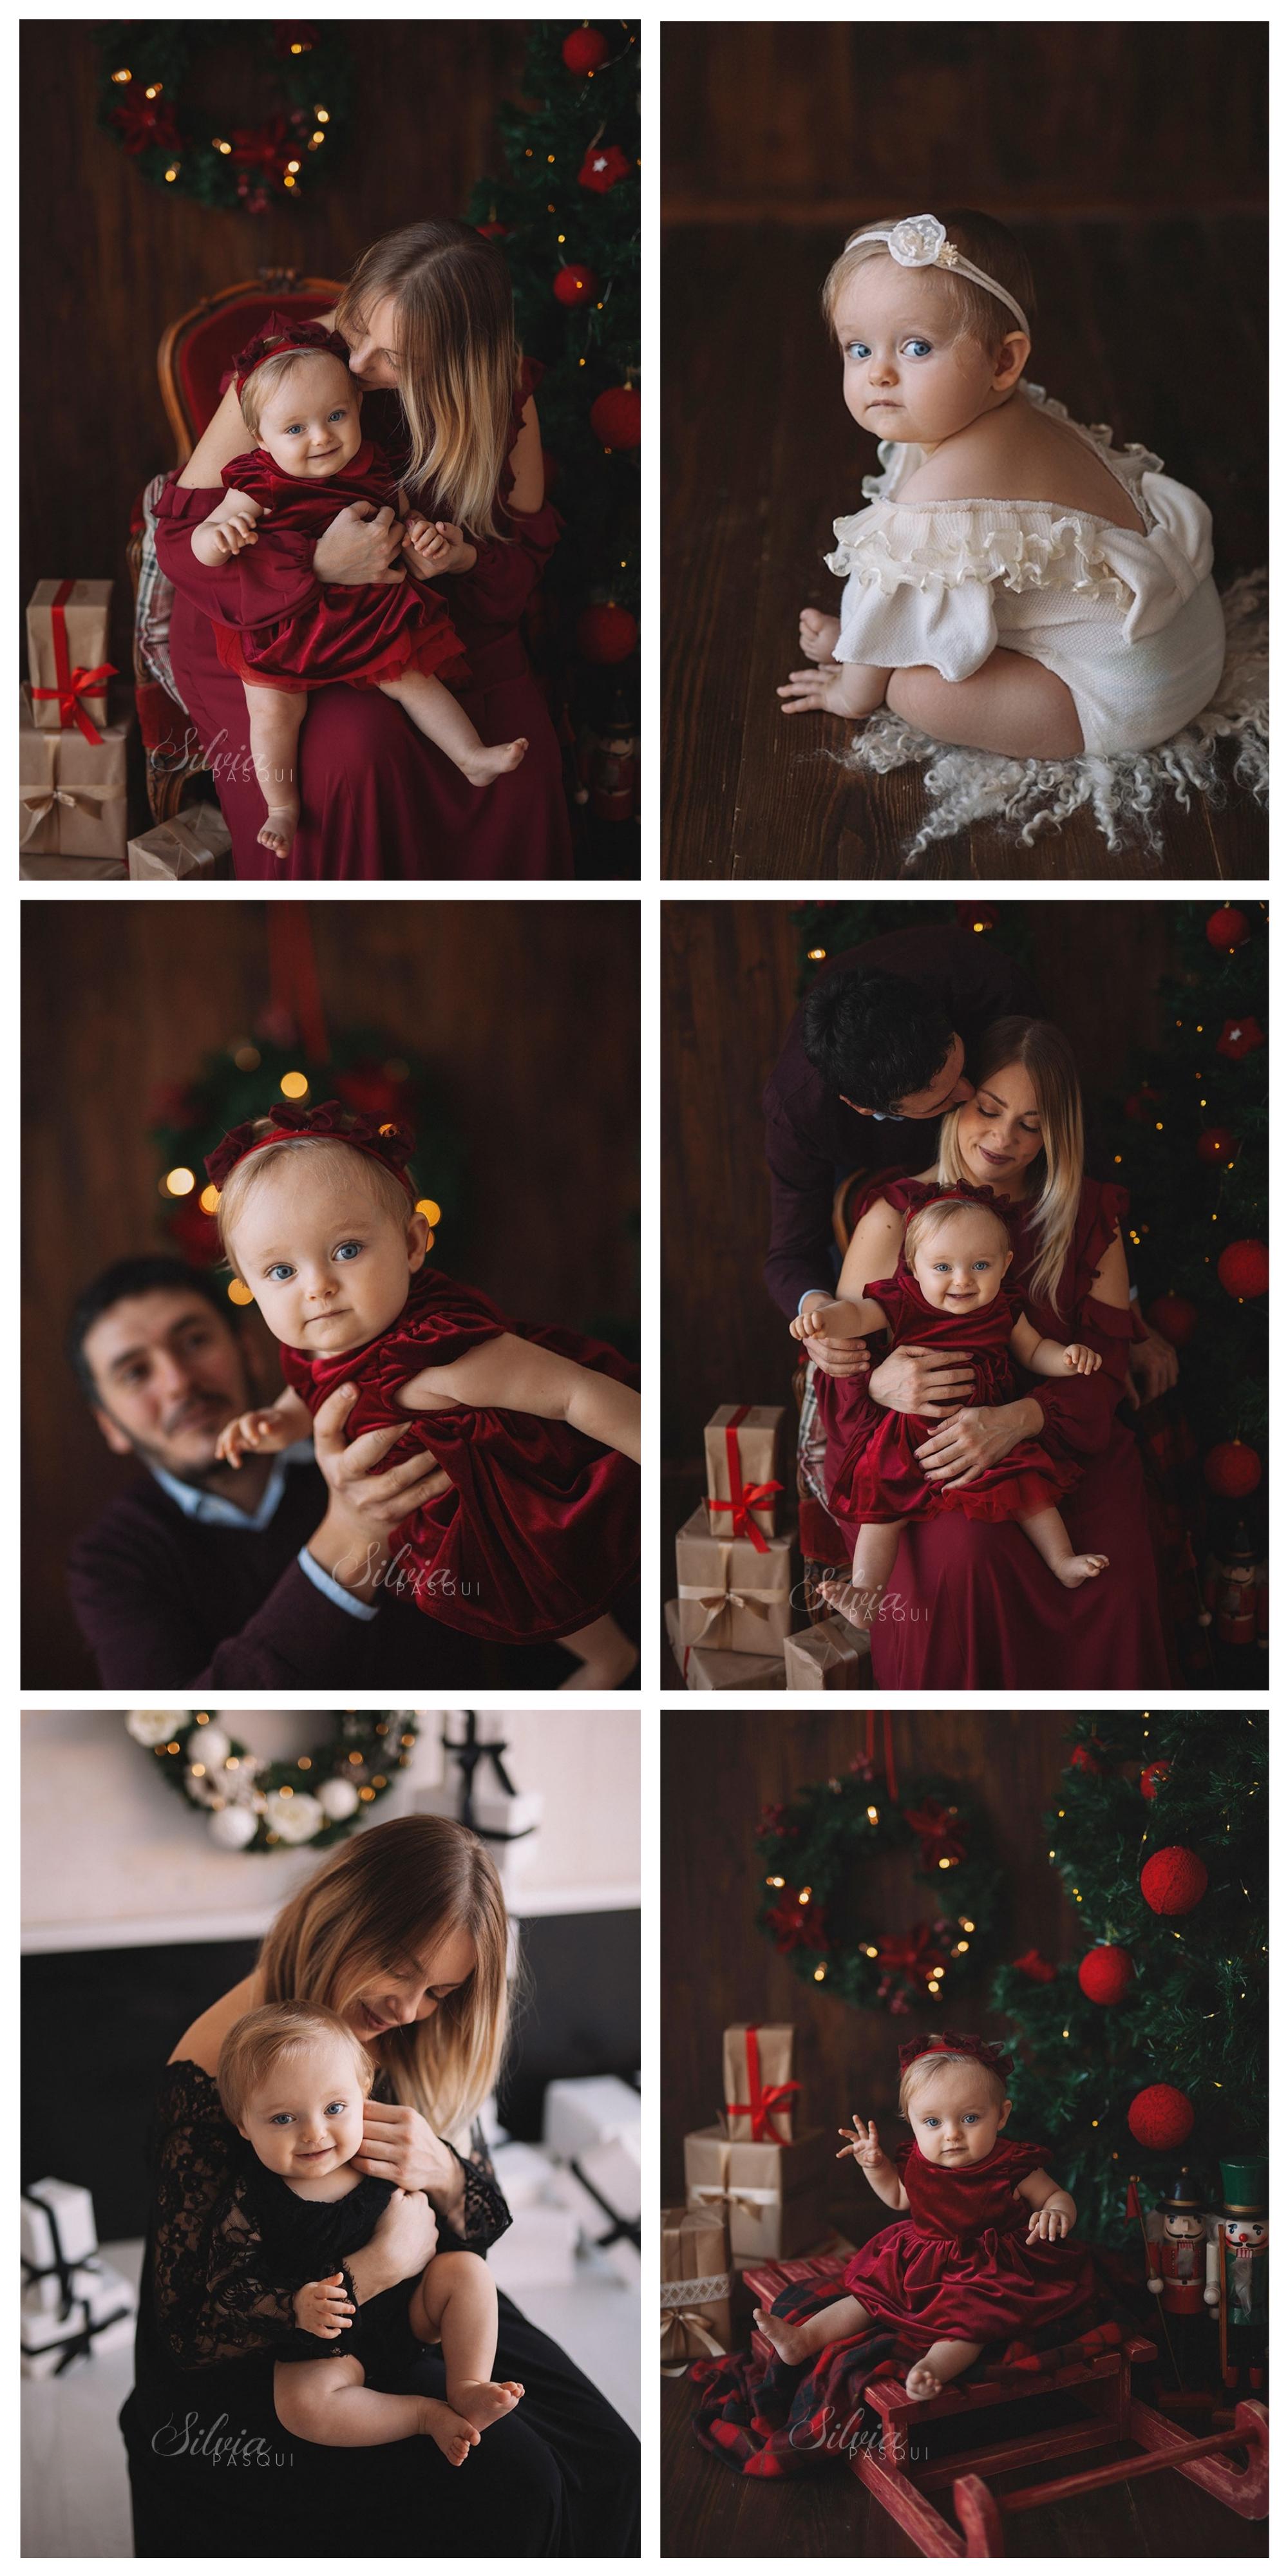 bambina natale fotografa roma